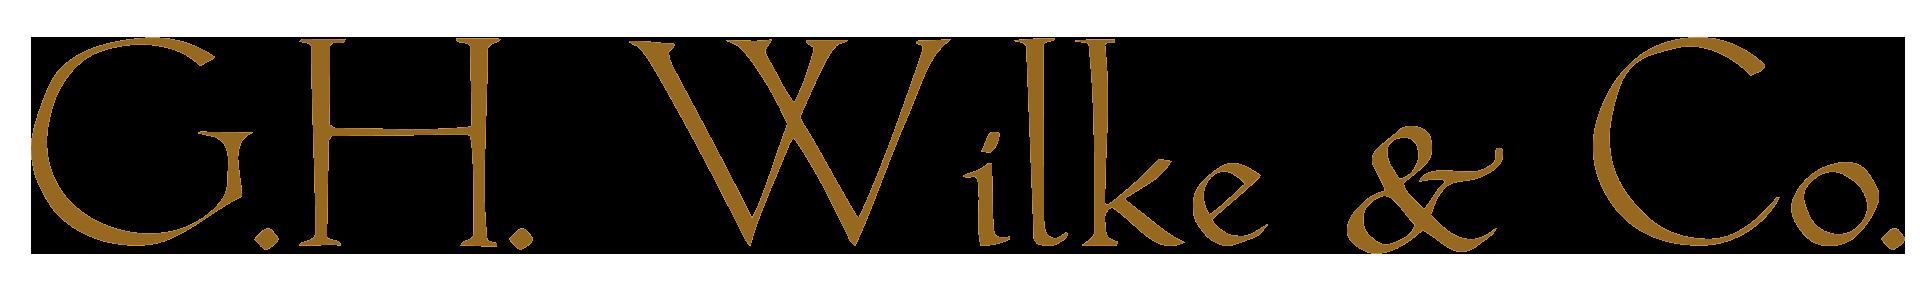 G.H. Wilke & Co. logo